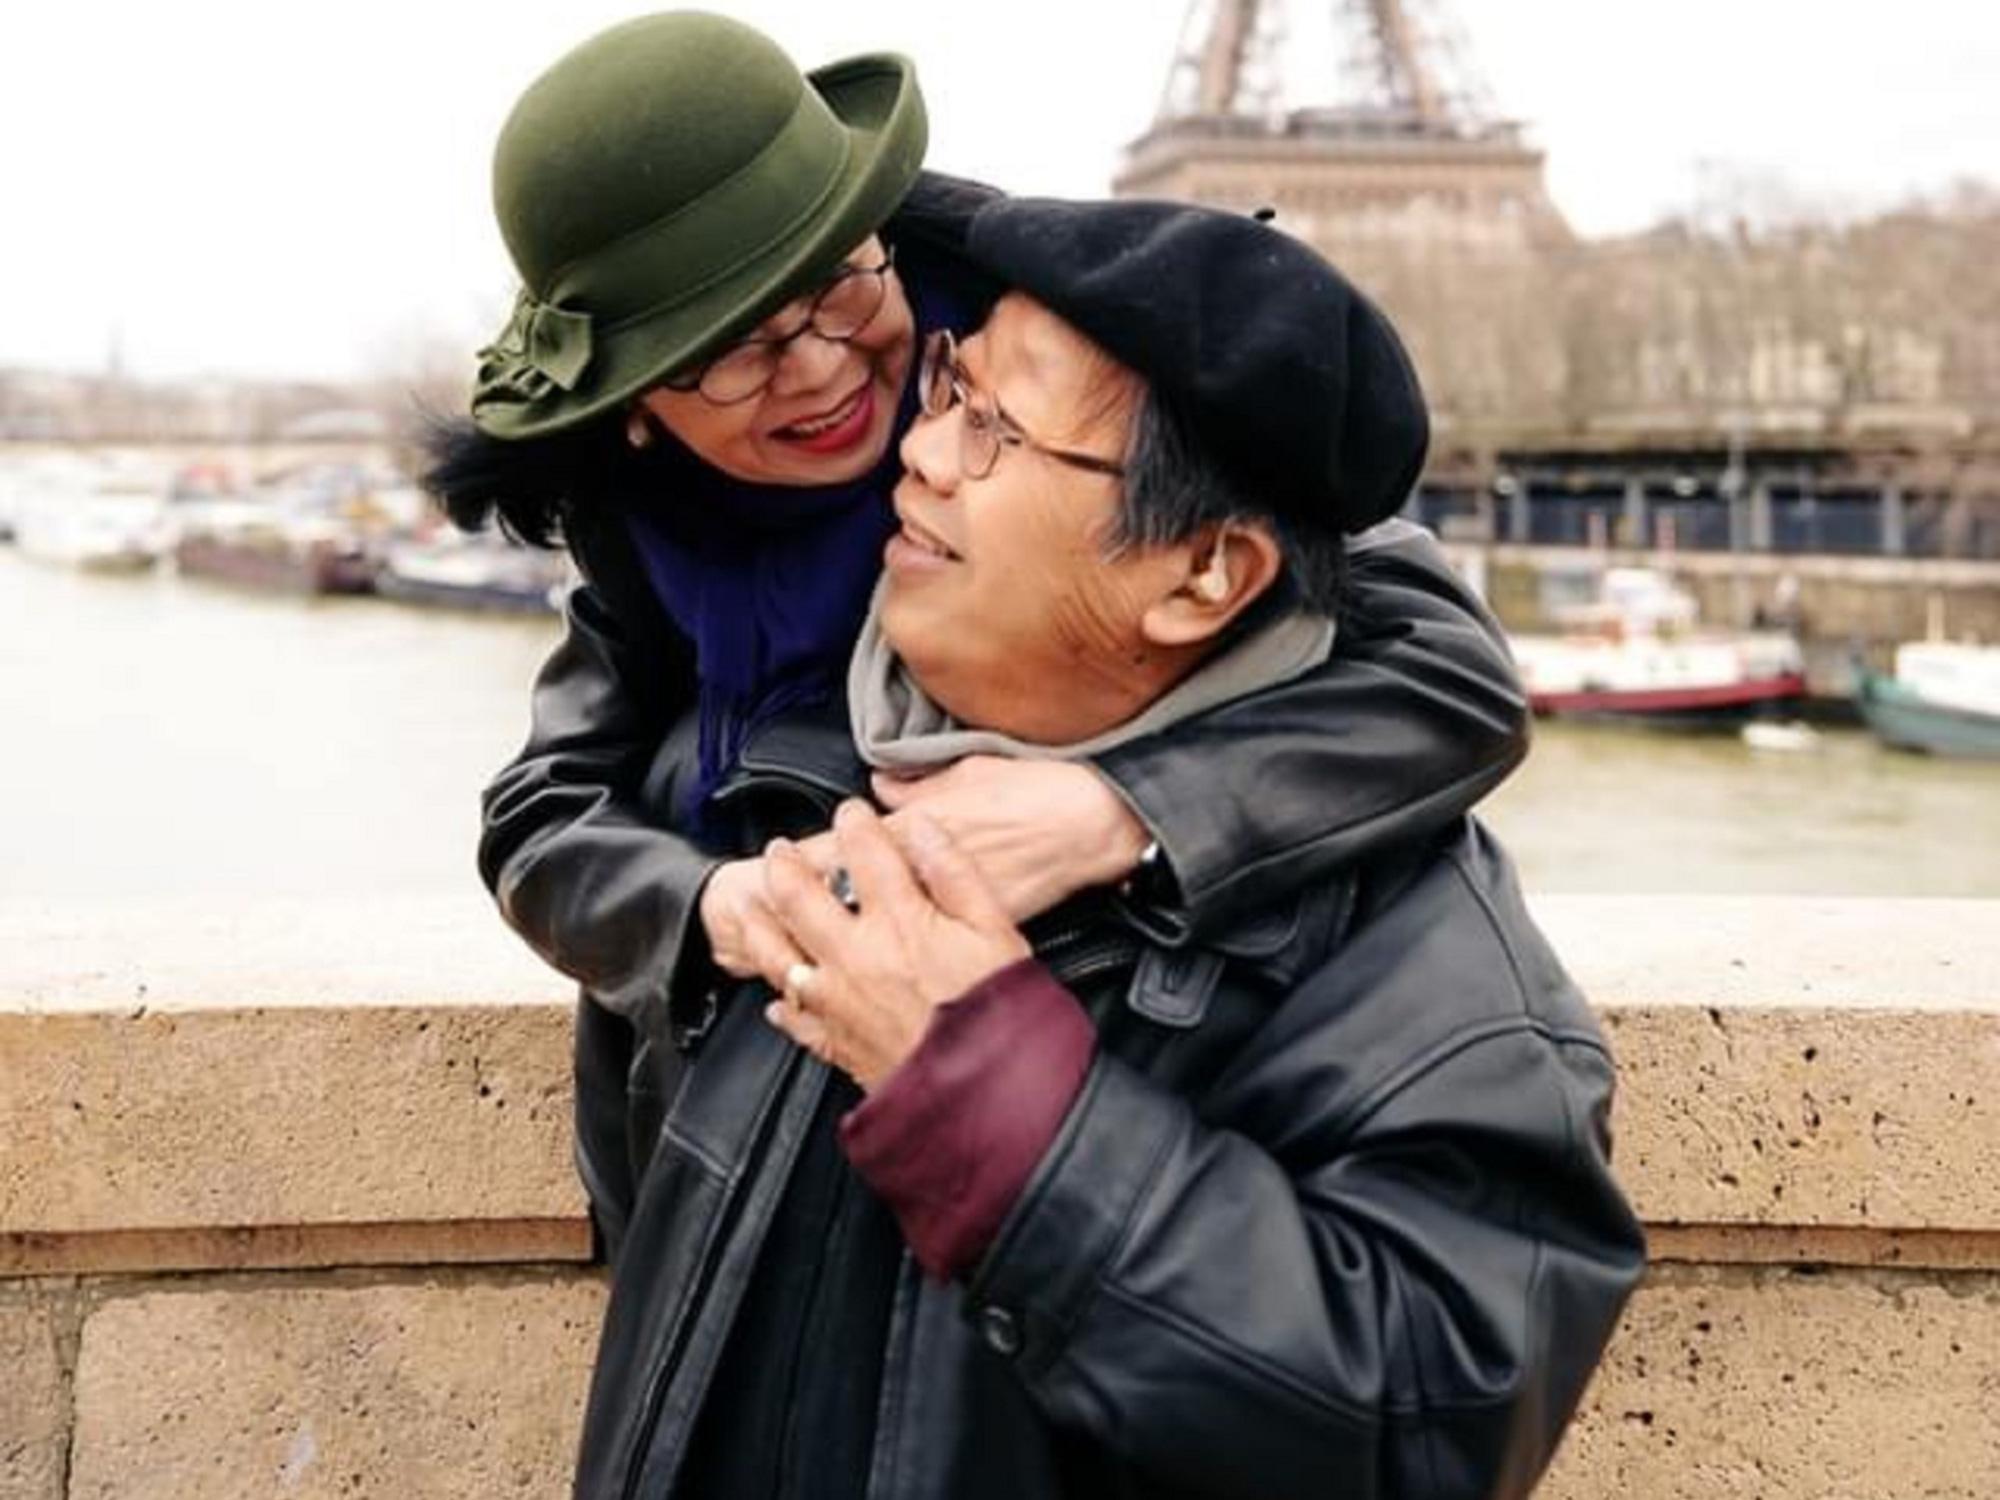 Cuộc hôn nhân 43 năm ngọt ngào của GS-TS Trần Quang Hải và danh ca Bạch Yến - Ảnh 6.